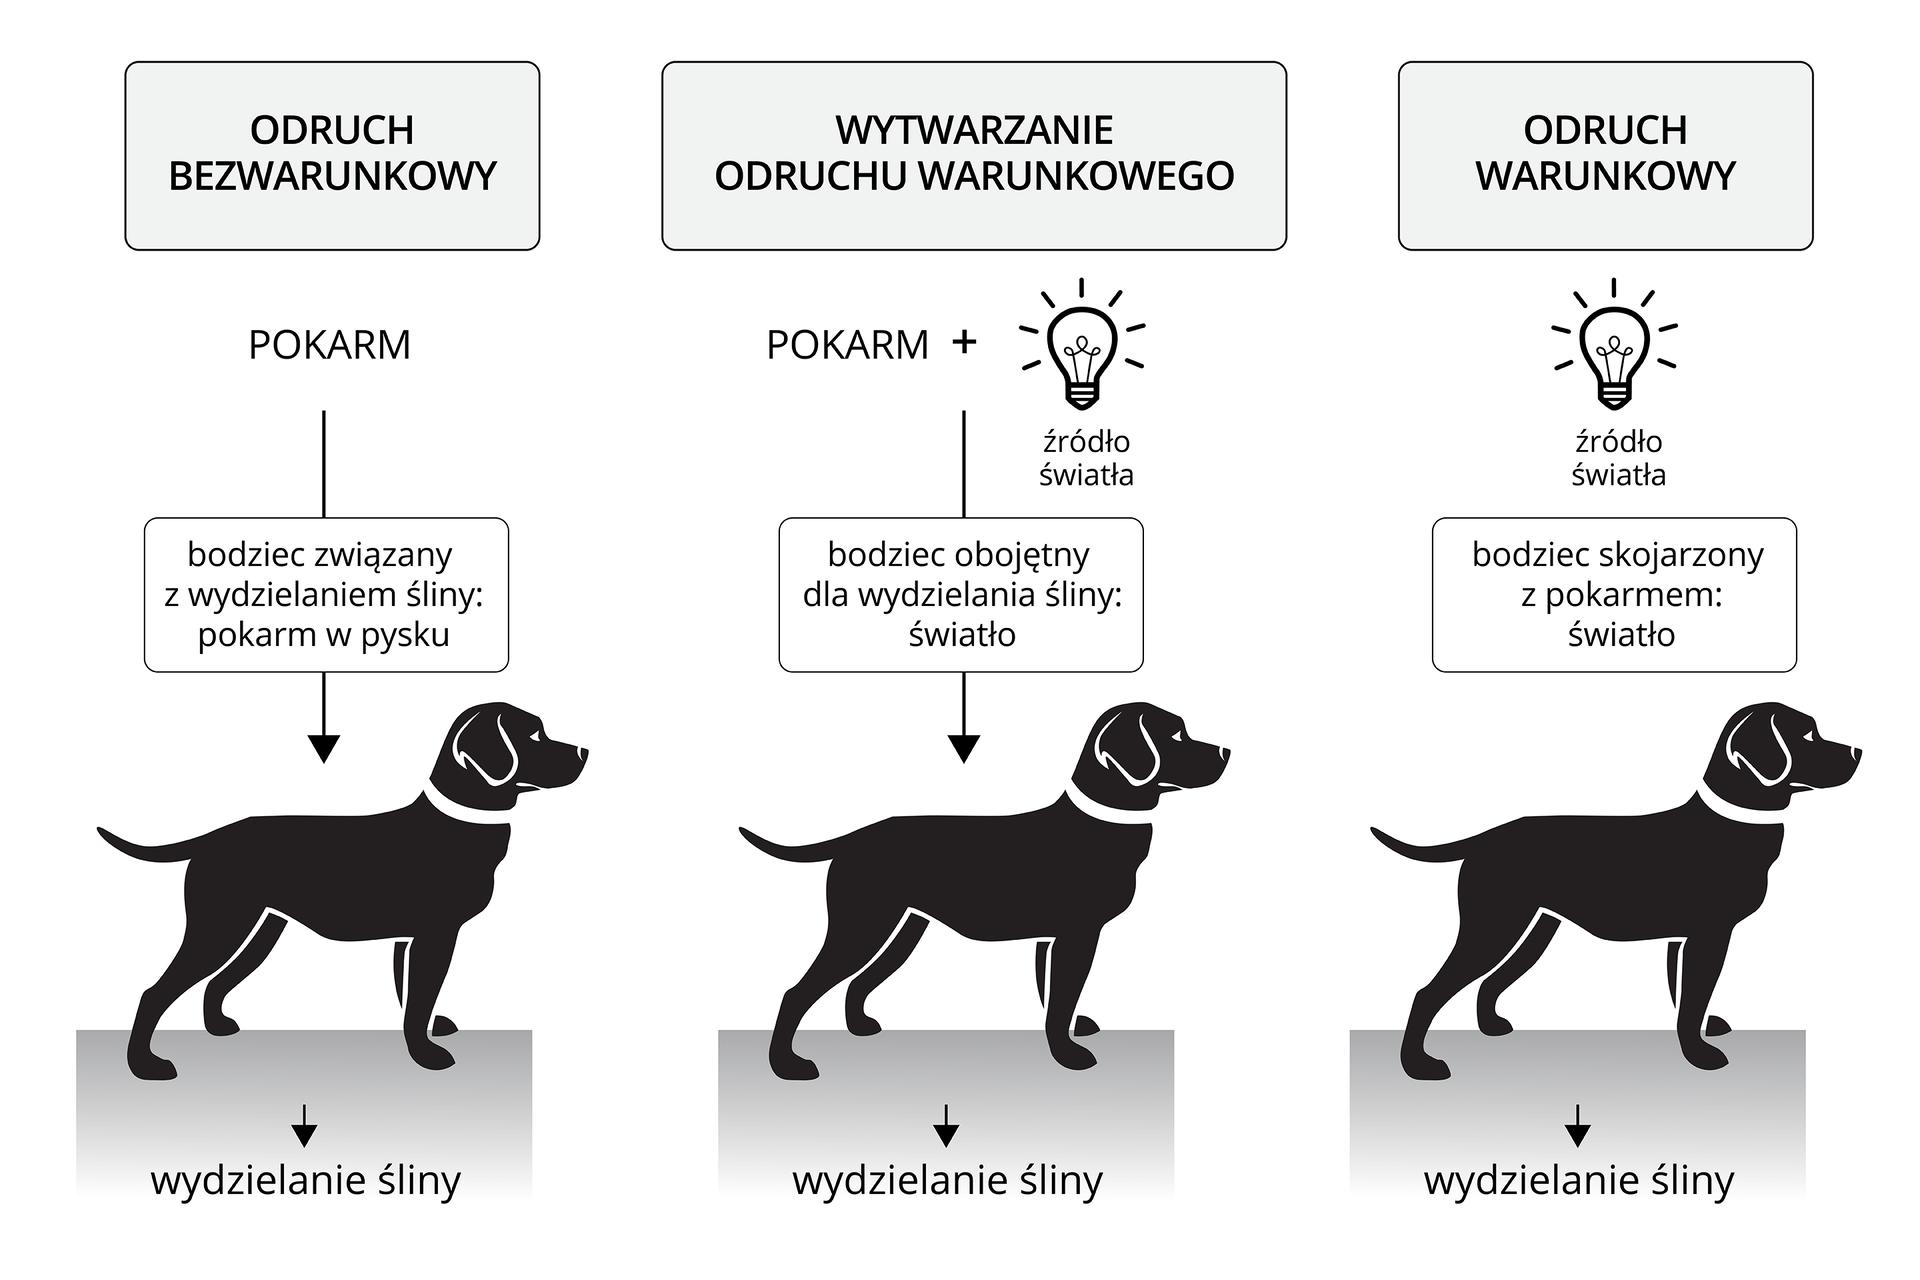 Ilustracja przedstawia 3 czarne sylwetki psów na szarym podłożu. Ugóry każdej sylwetki psa opisano typ odruchu idziałające bodźce. Pierwszy zlewej: odruch bezwarunkowy. Bodziec: pokarm (w pysku). Pod sylwetką psa reakcja: wydzielanie śliny. Środkowy: wytwarzanie odruchu warunkowego. Rysunek zapalonej żarówki. Bodziec: pokarm plus światło. Reakcja: wydzielanie śliny. Zprawej: odruch warunkowy. Rysunek zapalonej żarówki. Bodziec: światło. Ta sama reakcja: wydzielanie śliny.